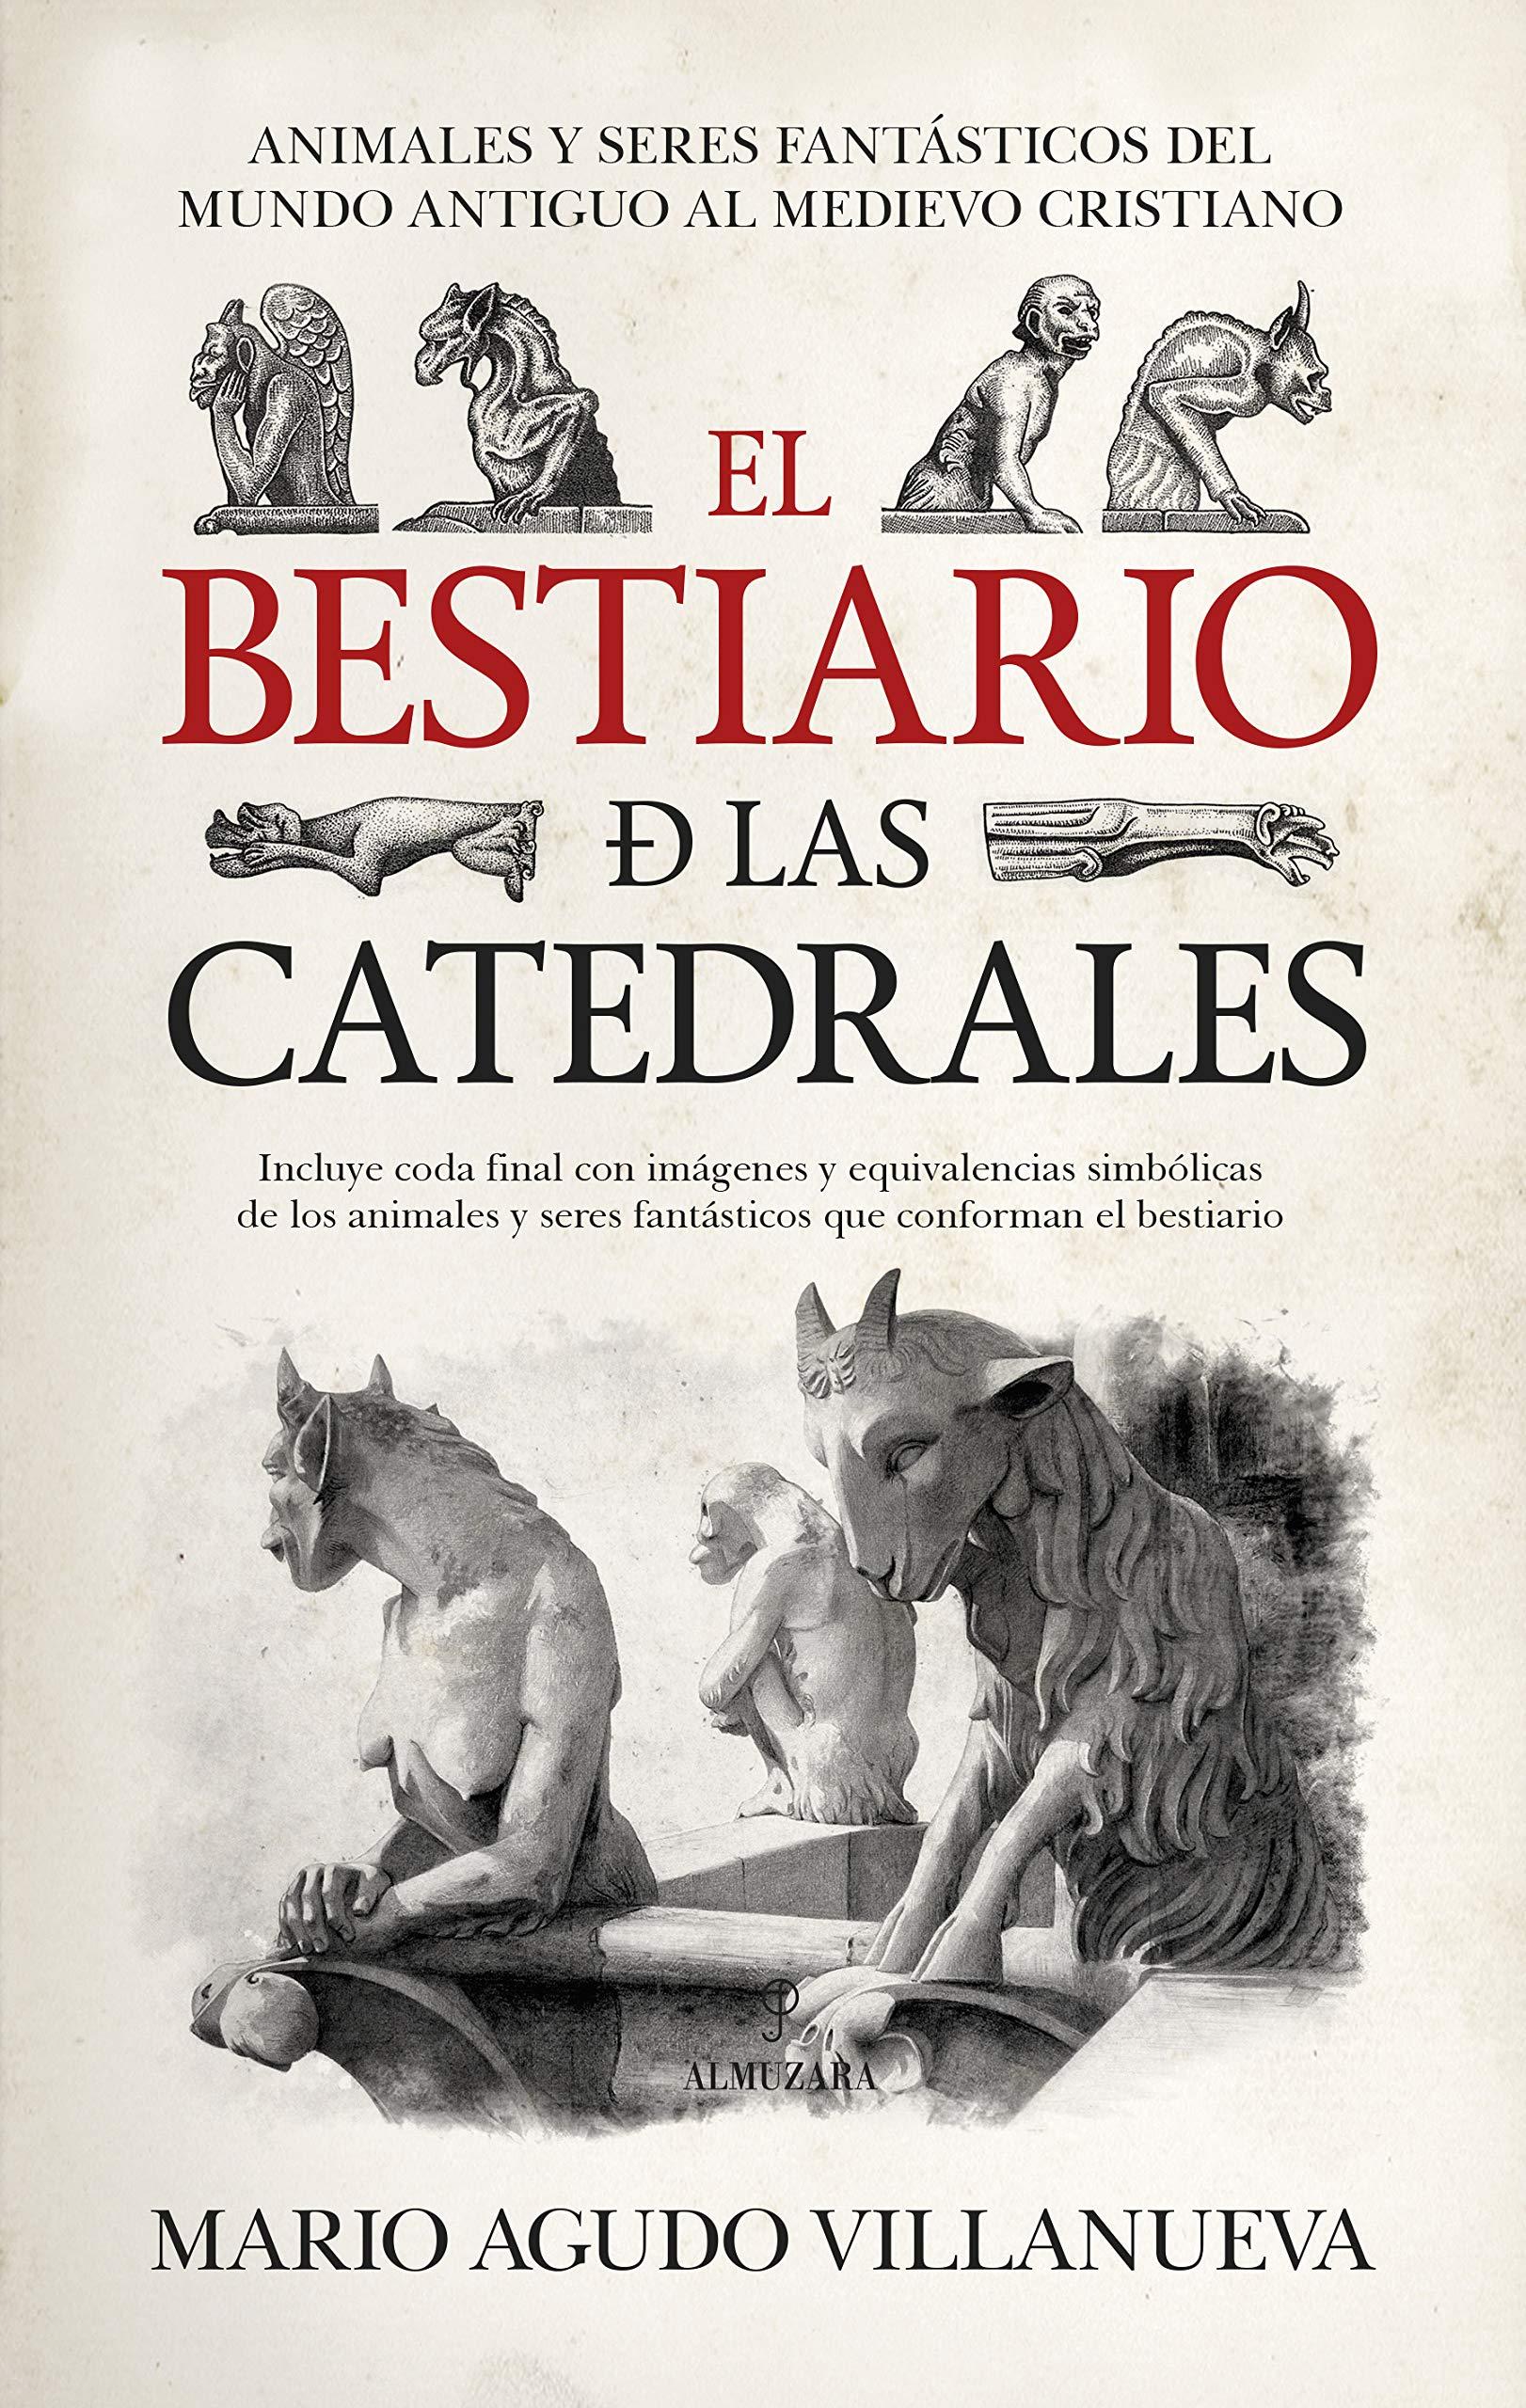 El Bestiario de las Catedrales (Historia)